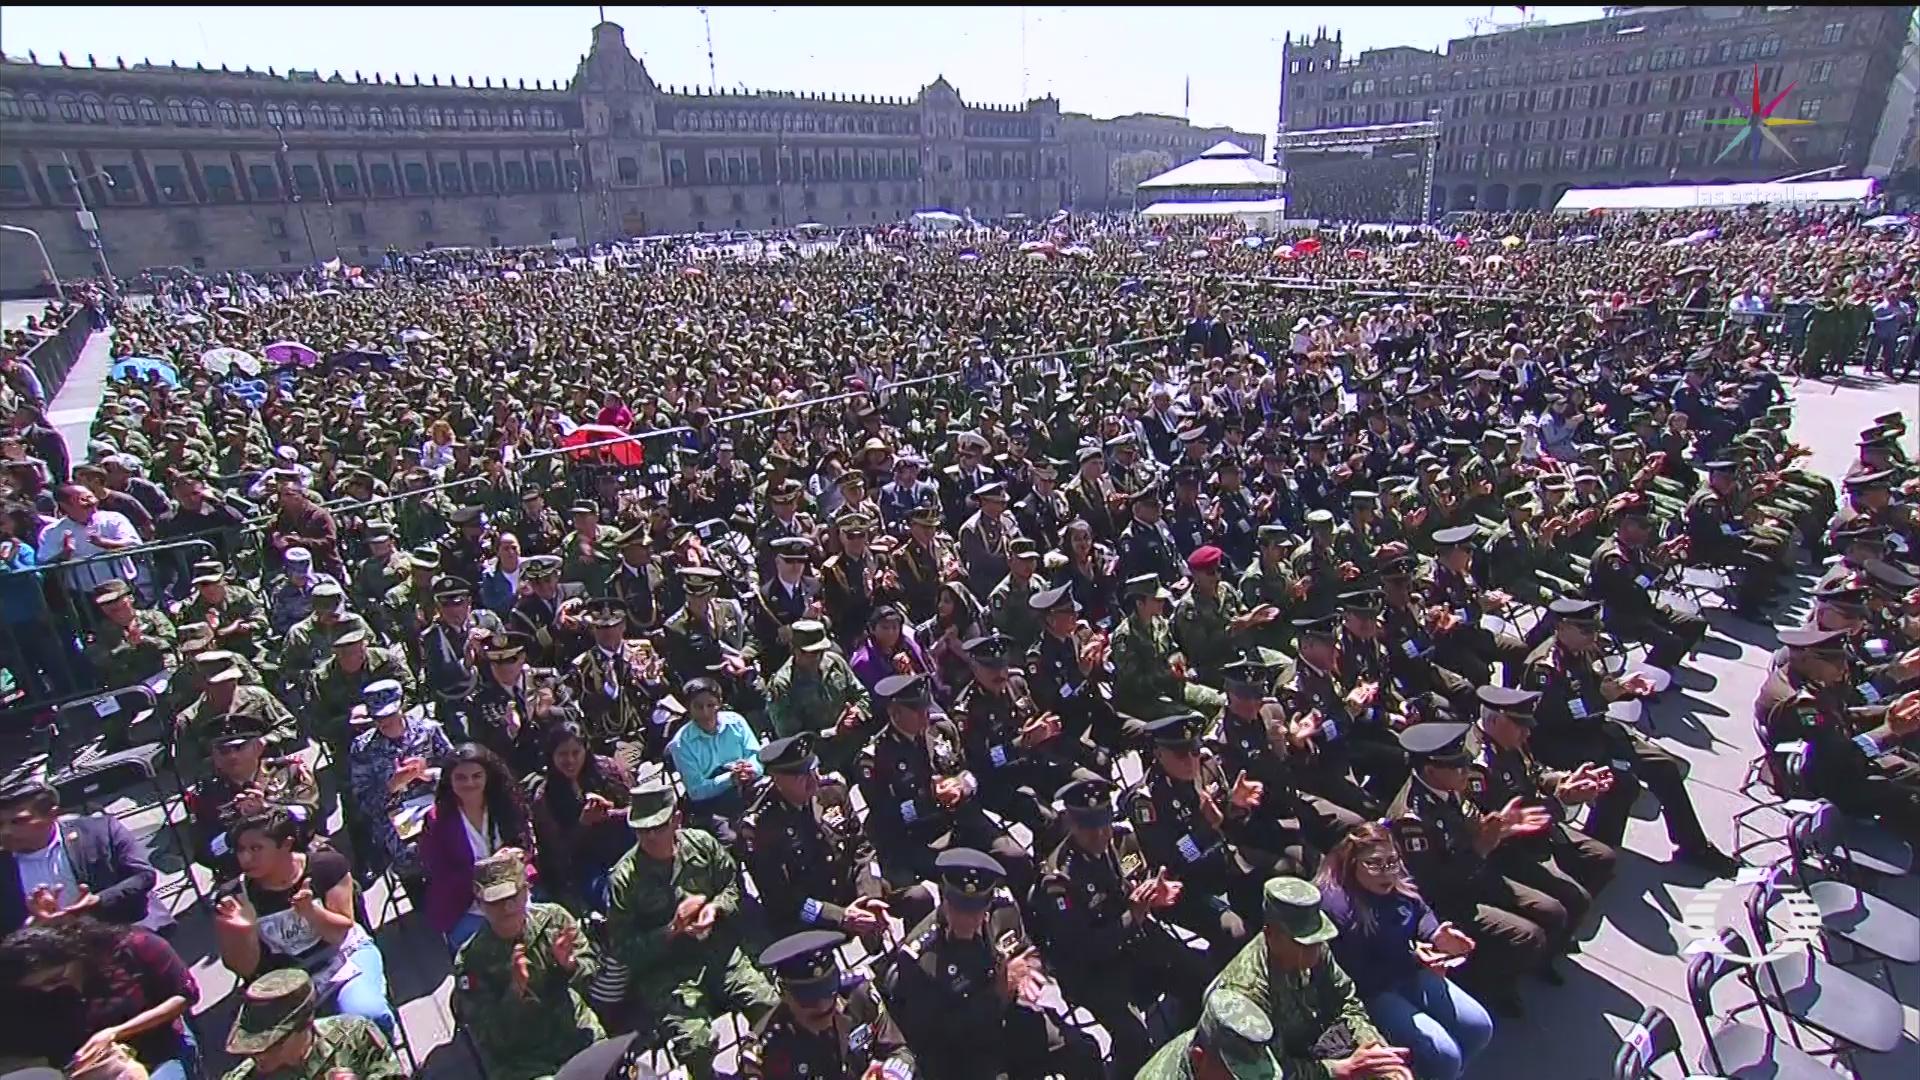 Foto: Amlo Festeja Ejército Mexicano Zócalo Capitalino hOY 19 Febrero 2020